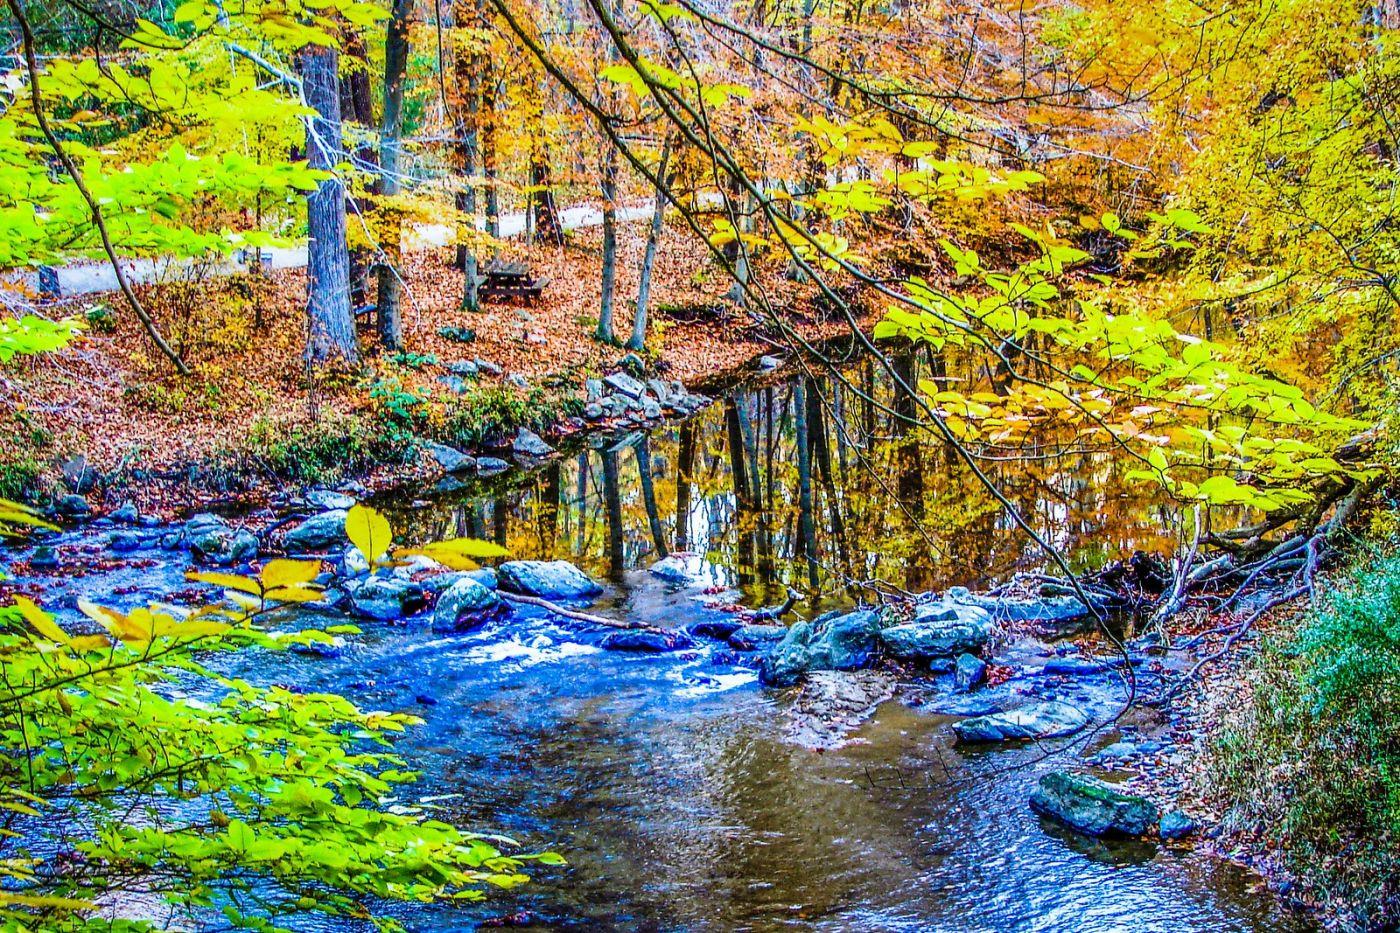 宾州雷德利克里克公园(Ridley creek park),大自然的舞台_图1-38